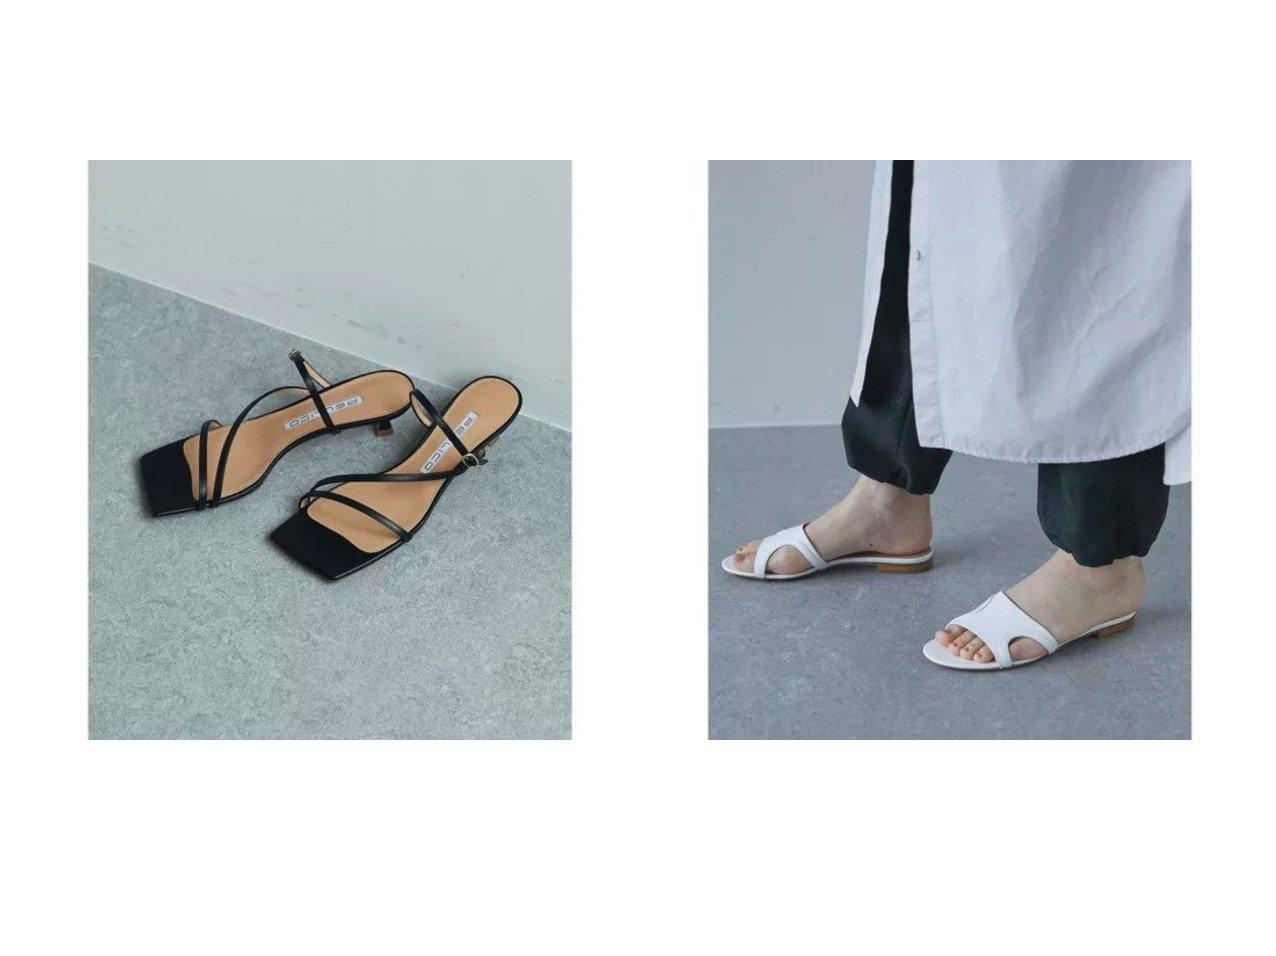 【GALLARDAGALANTE/ガリャルダガランテ】の【PELLICO】スキニーストラップミュール&【PELLICO】ミュールフラットサンダル/LUNETTA シューズ・靴のおすすめ!人気、トレンド・レディースファッションの通販 おすすめで人気の流行・トレンド、ファッションの通販商品 メンズファッション・キッズファッション・インテリア・家具・レディースファッション・服の通販 founy(ファニー) https://founy.com/ ファッション Fashion レディースファッション WOMEN イタリア エレガント サンダル シューズ シンプル スエード スマート フォルム ロング ワイド S/S 春夏 SS Spring/Summer ラップ |ID:crp329100000023326